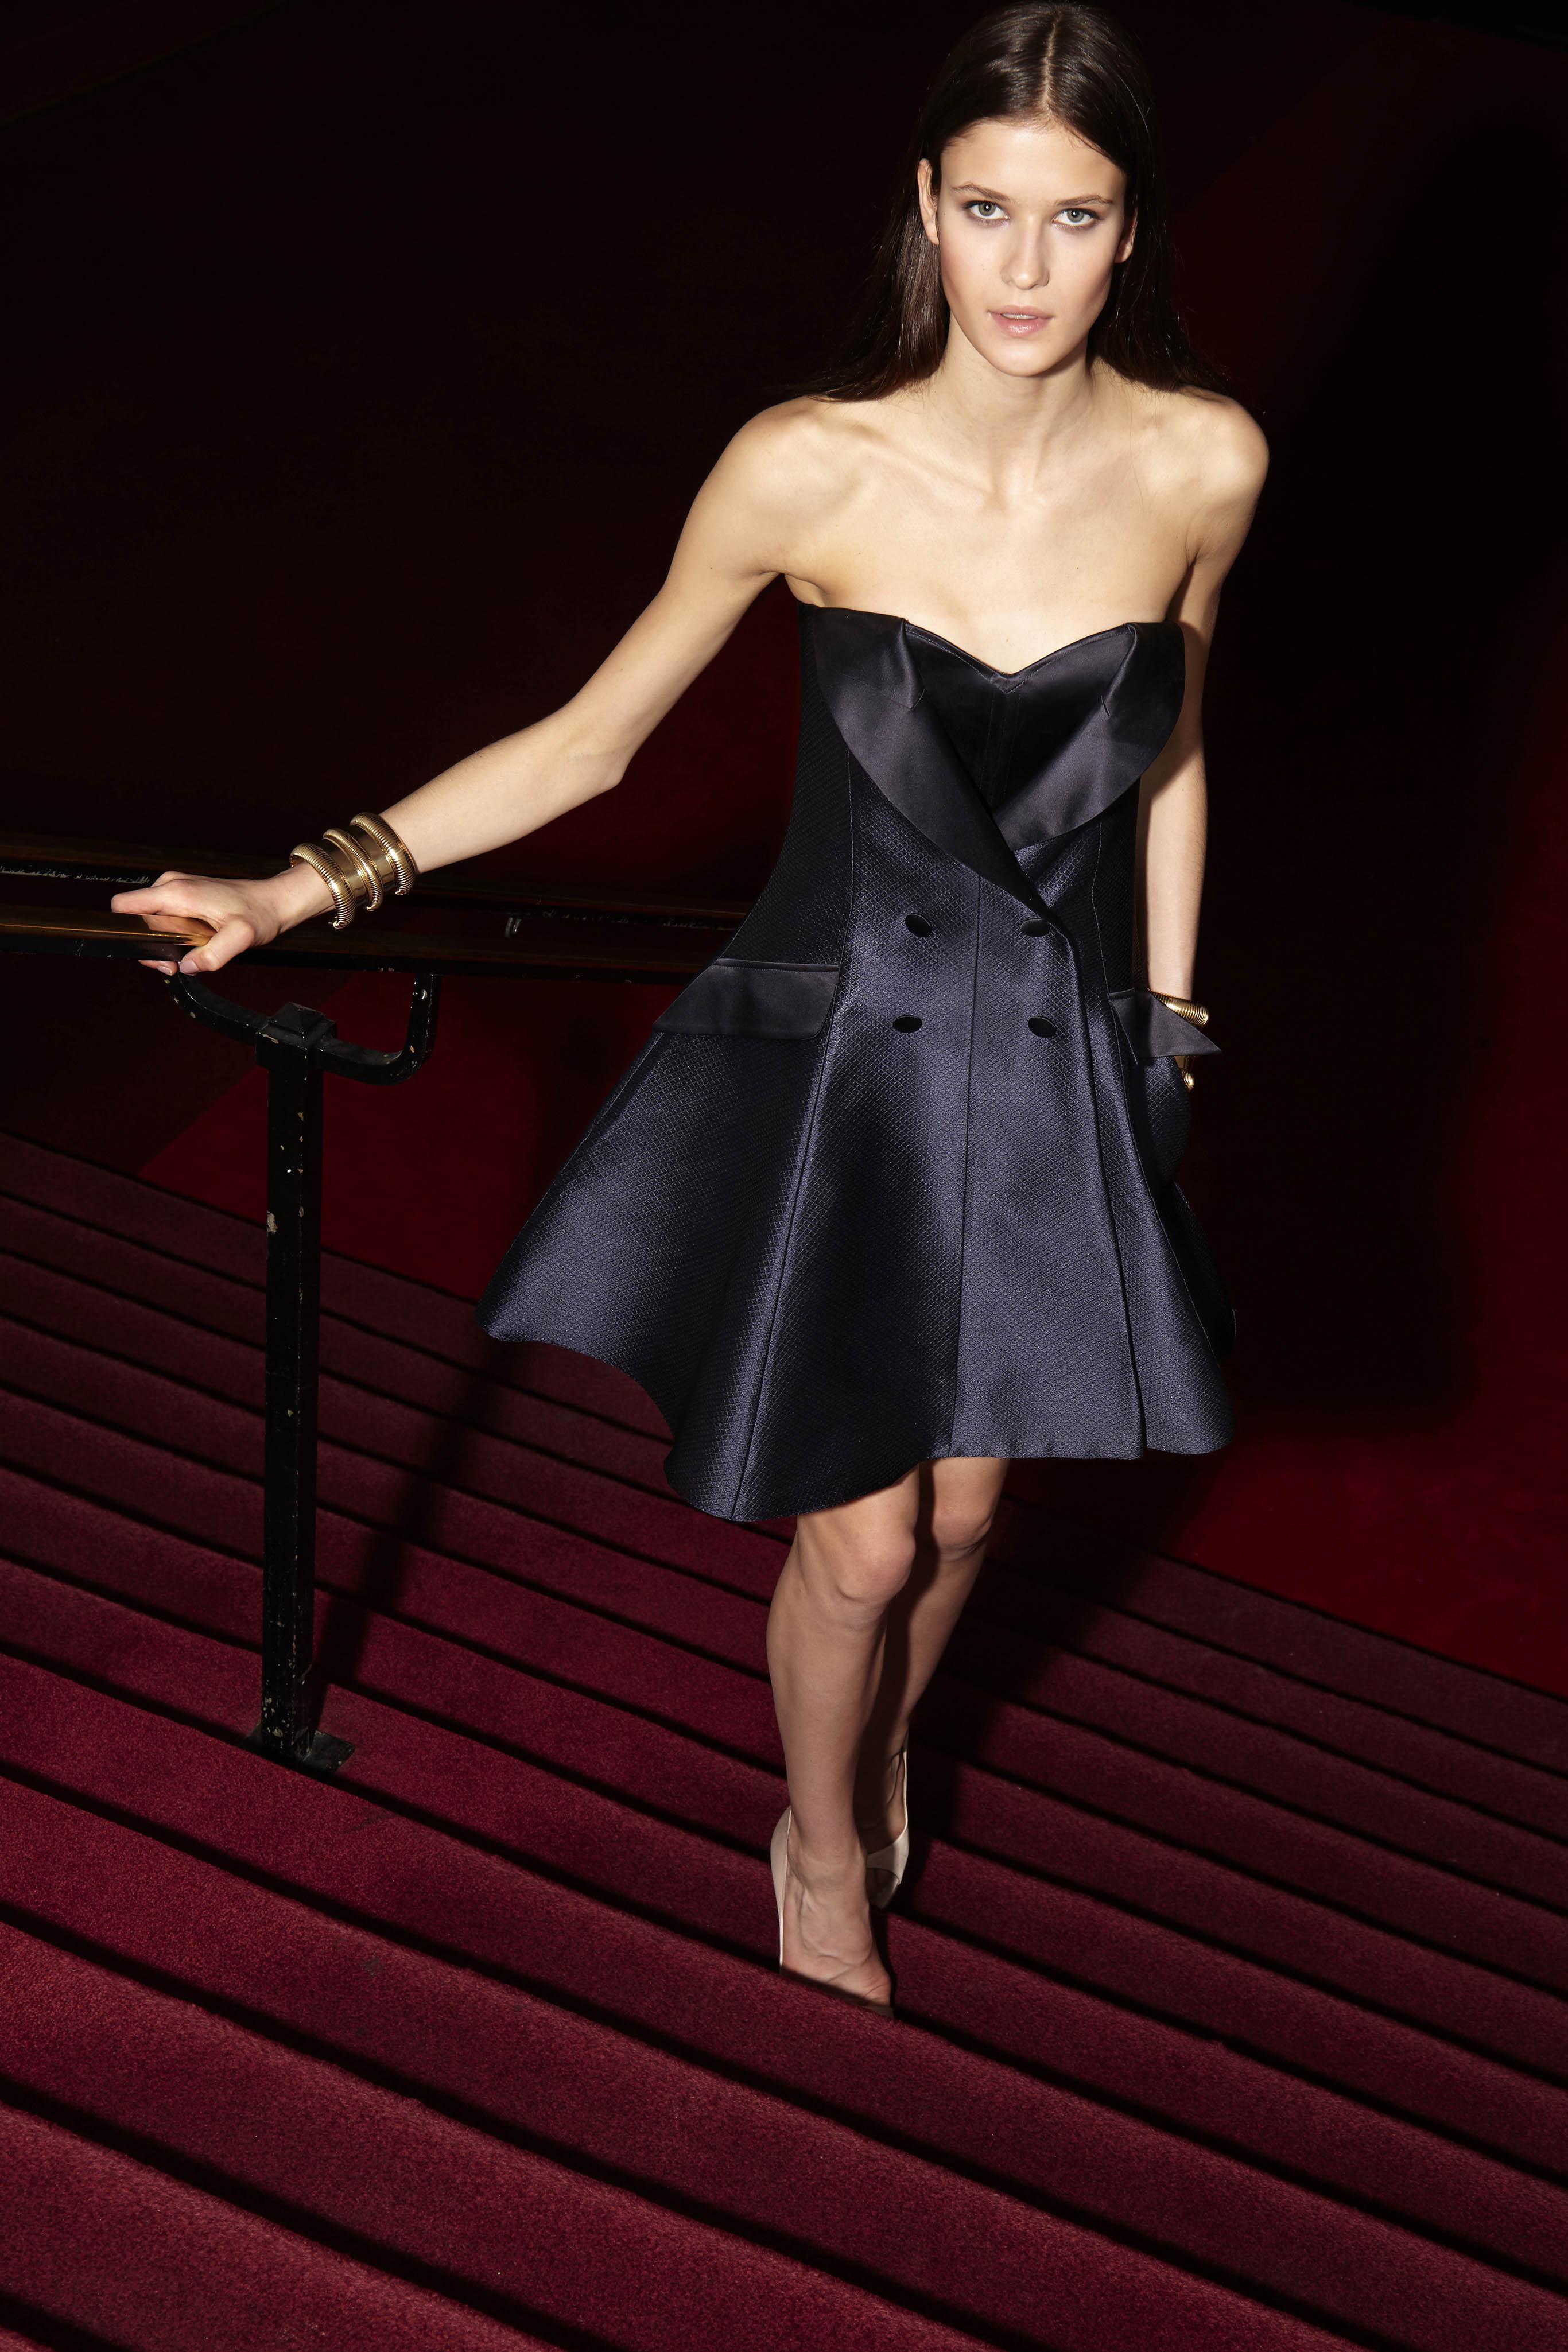 Alexis Mabille propone un profundo escote y falda corta para este exquisito diseño de coctail. Foto: WGSN.